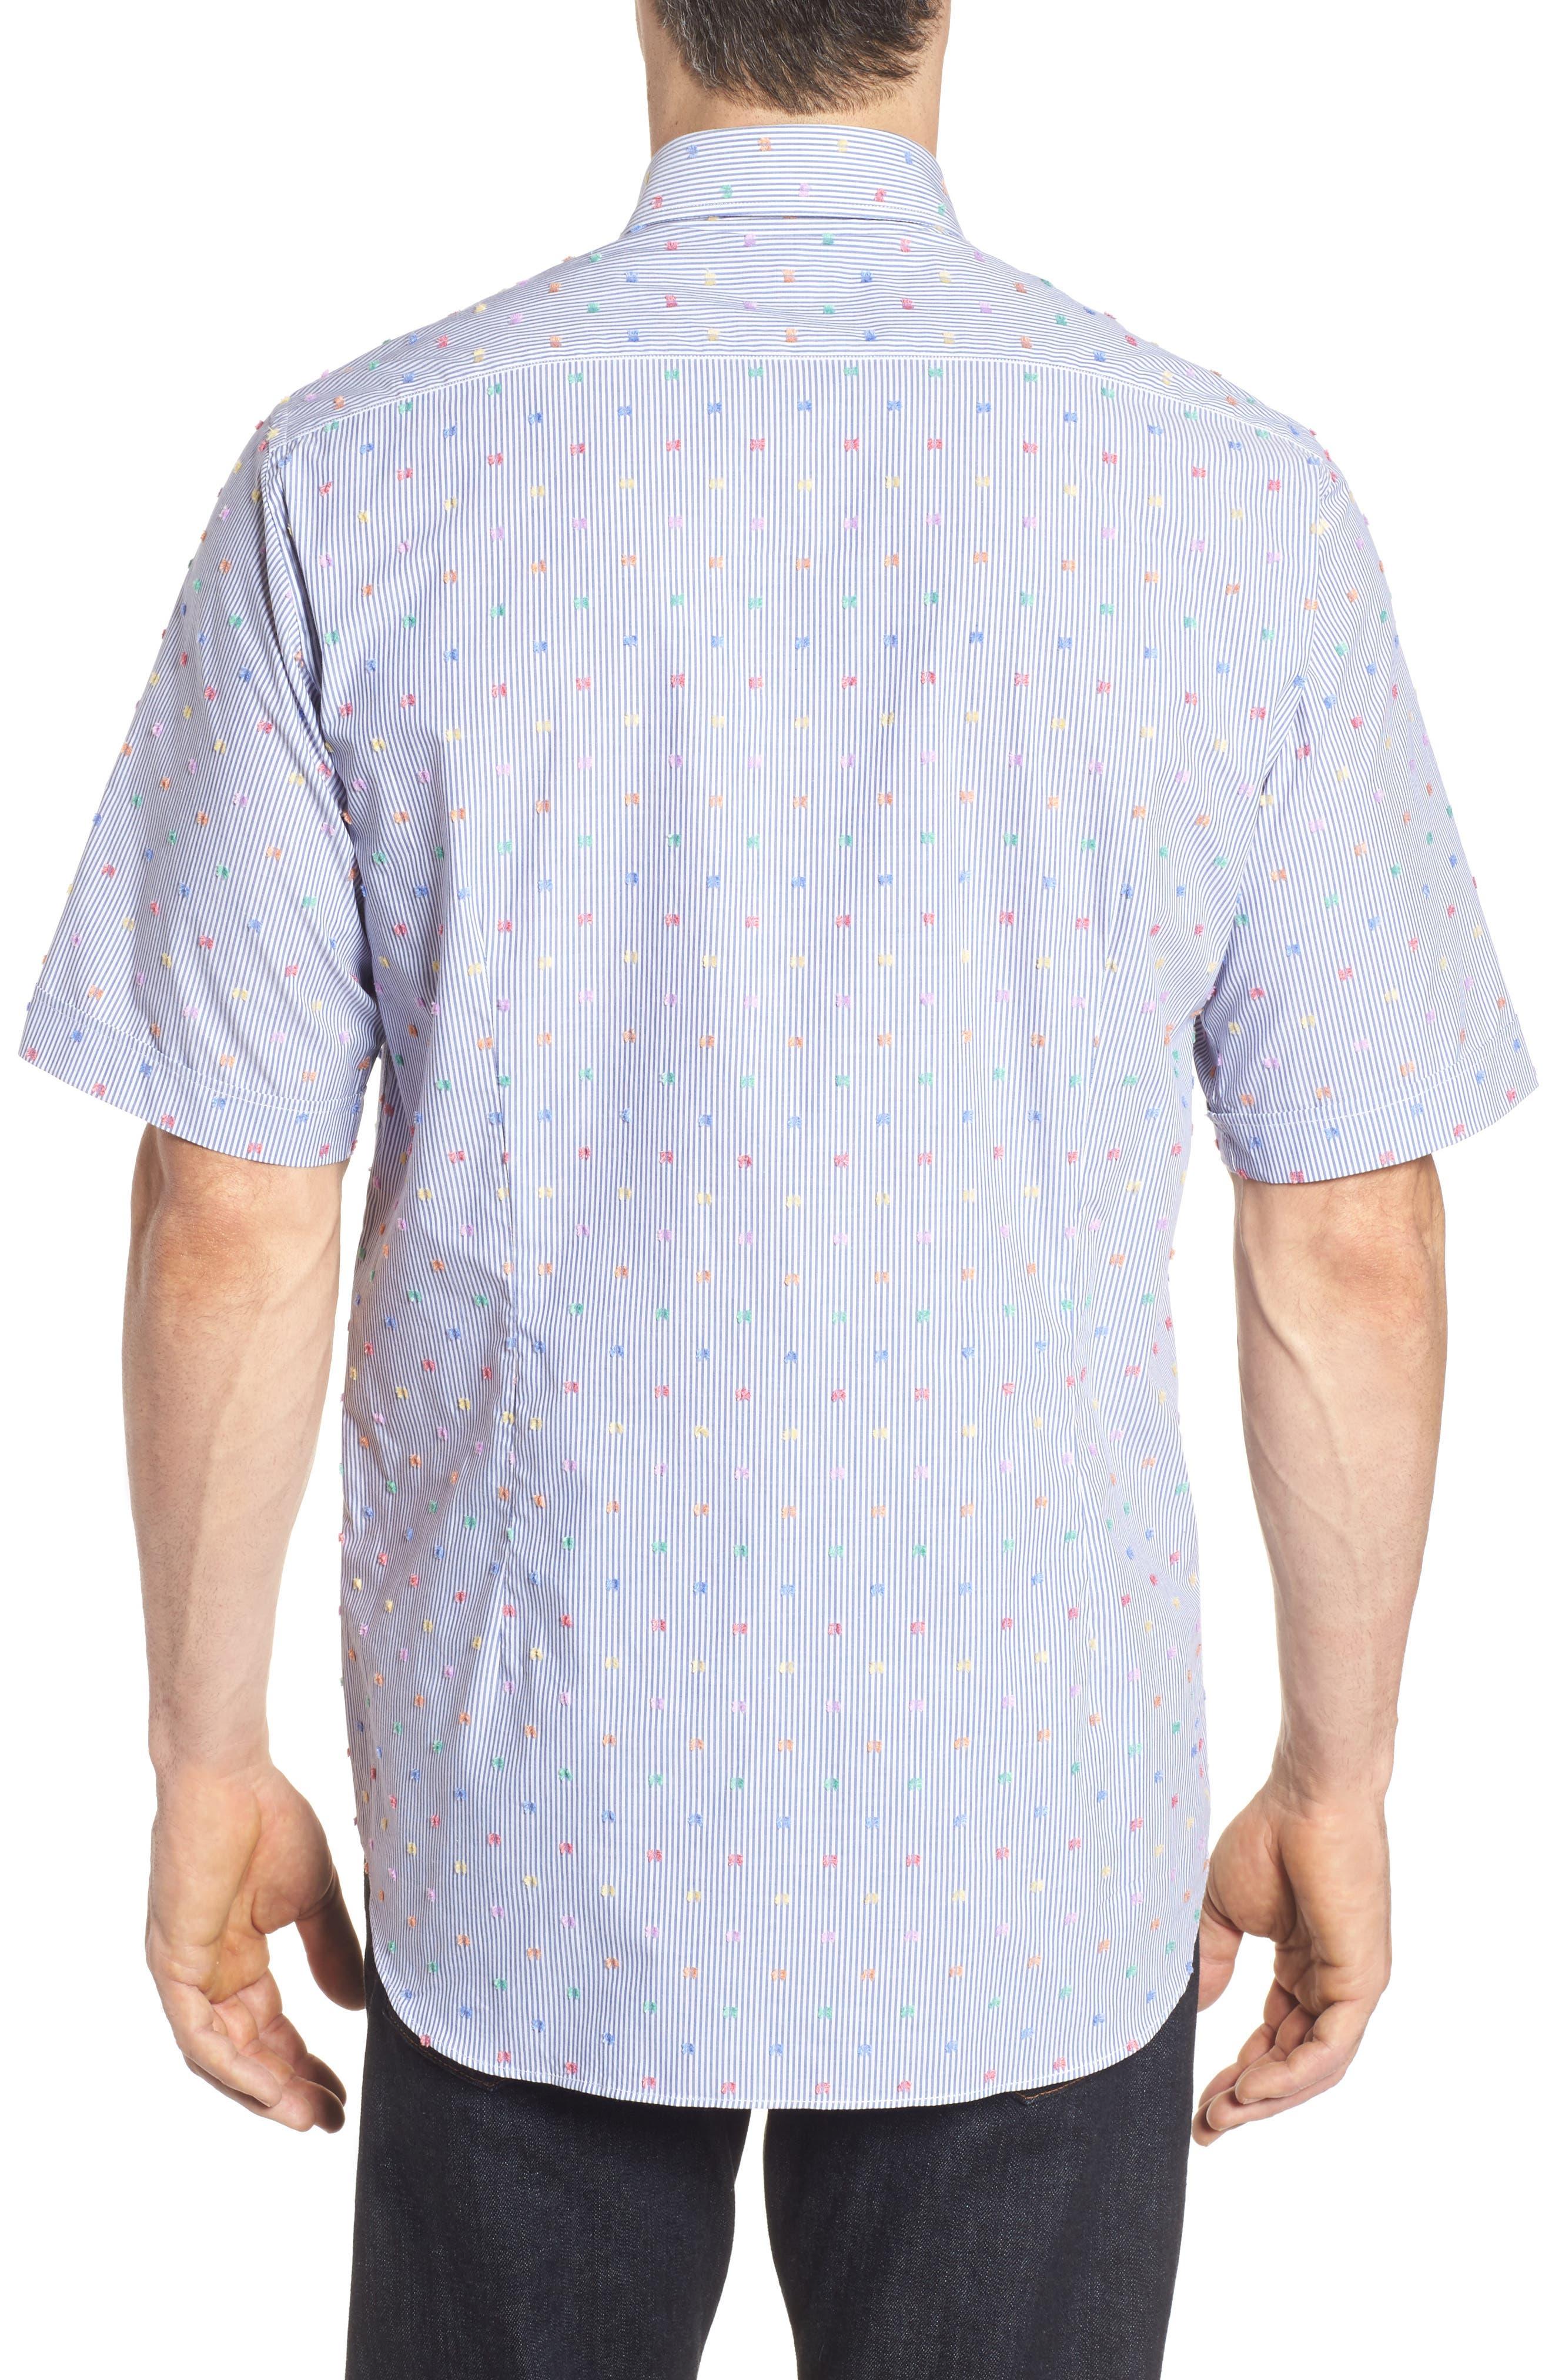 Paul&Shark Fin Stripe Sport Shirt,                             Alternate thumbnail 2, color,                             Blue/ White/ Multi